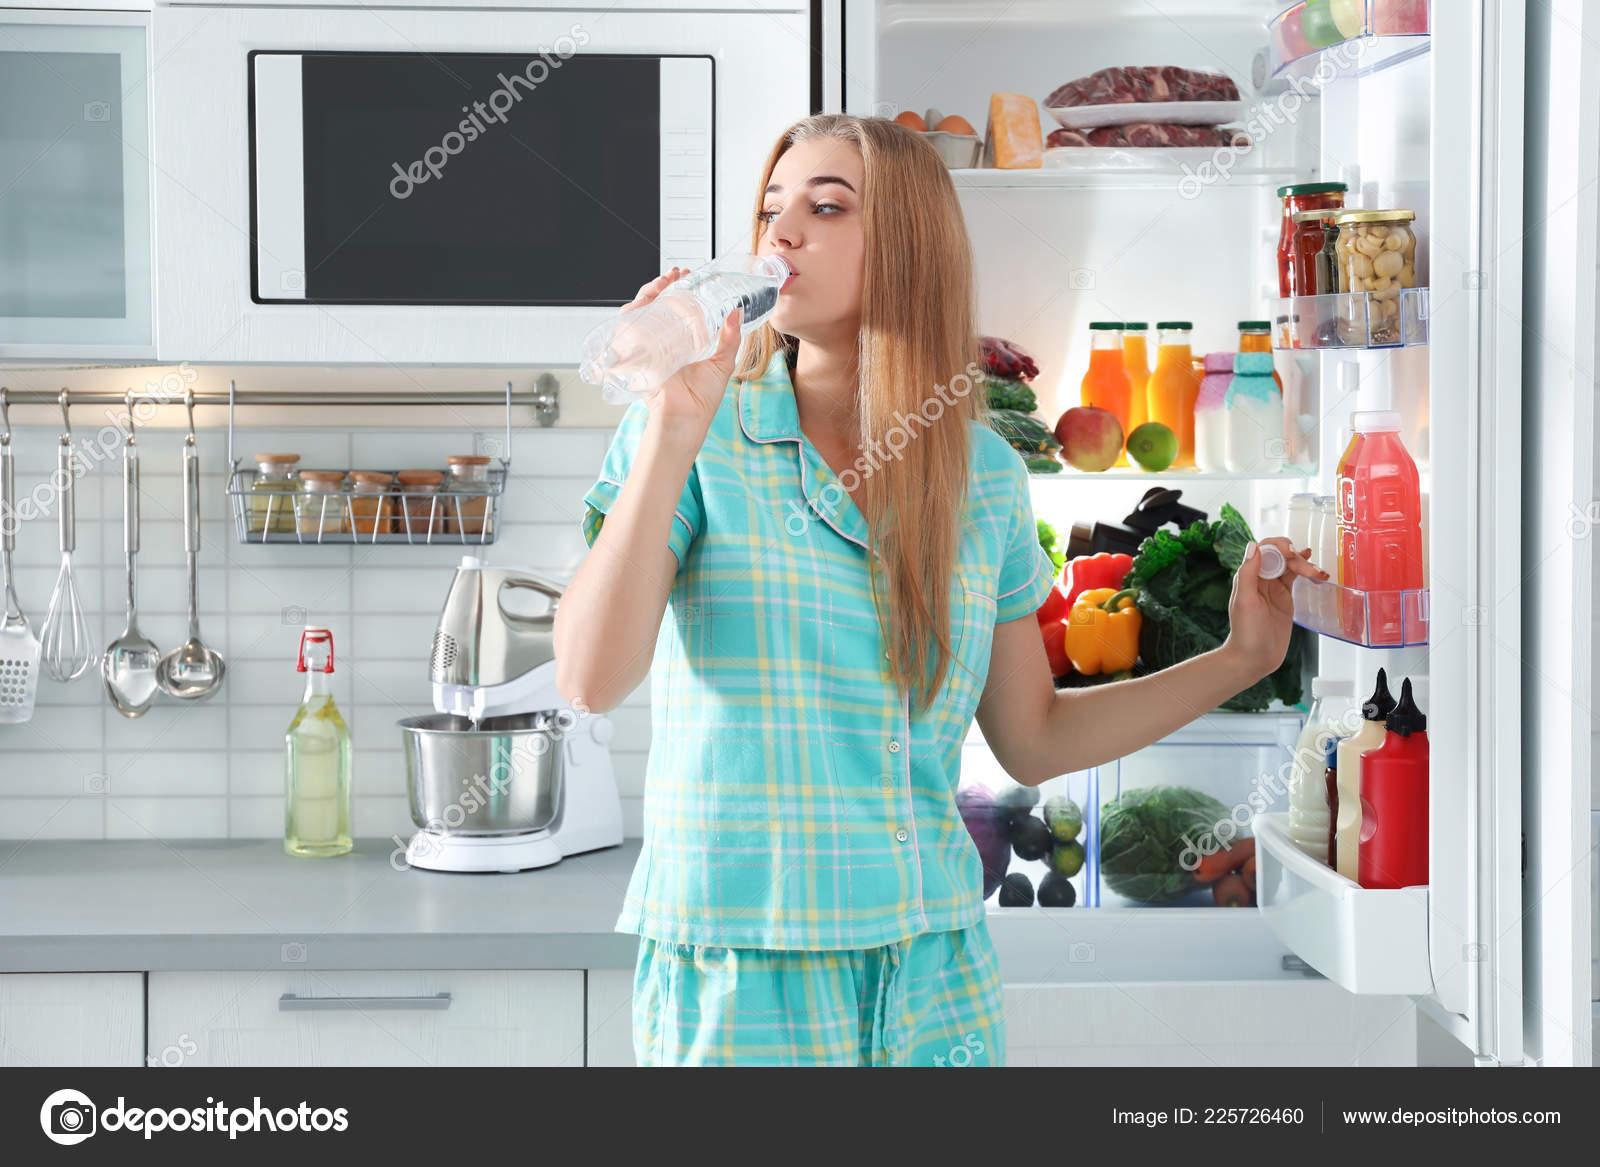 Kühlschrank Deo : Frau trinkwasser aus der flasche der nähe von kühlschrank der